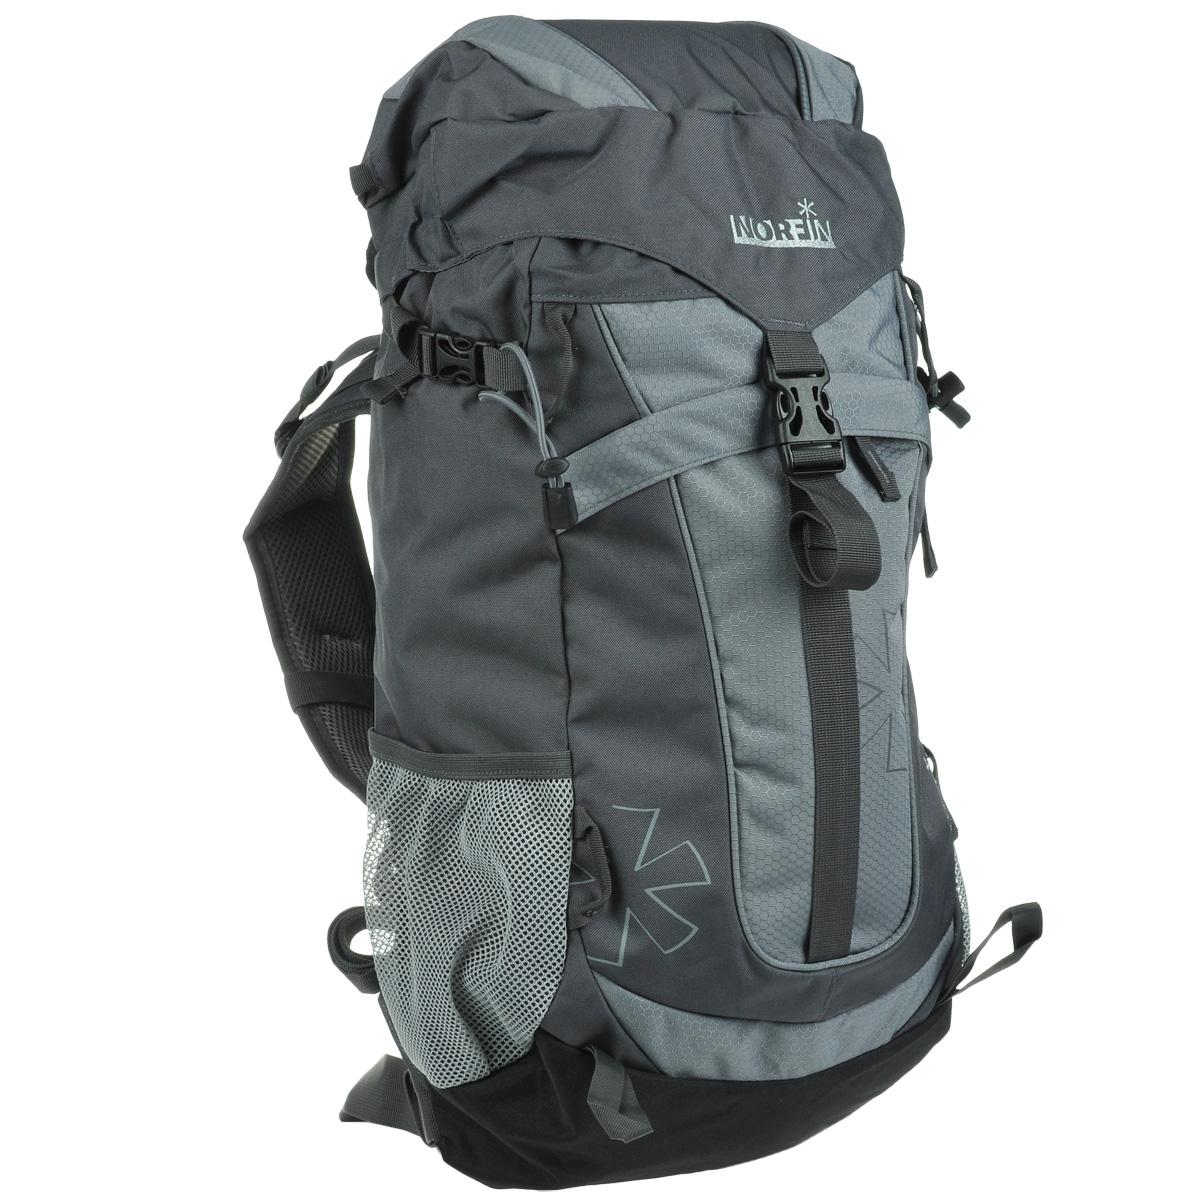 Рюкзак городской Norfin 4Rest, цвет: серый, 35 лNF-40211Высококачественный, надежный, и прочный рюкзак Norfin 4Rest. Благодаря многофункциональности данный рюкзак позволяет удобно и легко укладывать свои вещи. Особенности рюкзака: Имеет три рабочие зоны с сеткой Air Mesh, хорошо отводится избыточное тепло и влага при нагрузках Поясной ремень Грудная стяжка со свистком Выход под питьевую систему Фронтальный карман Боковые карманы из сетки Верхний клапан с внешним карманом.